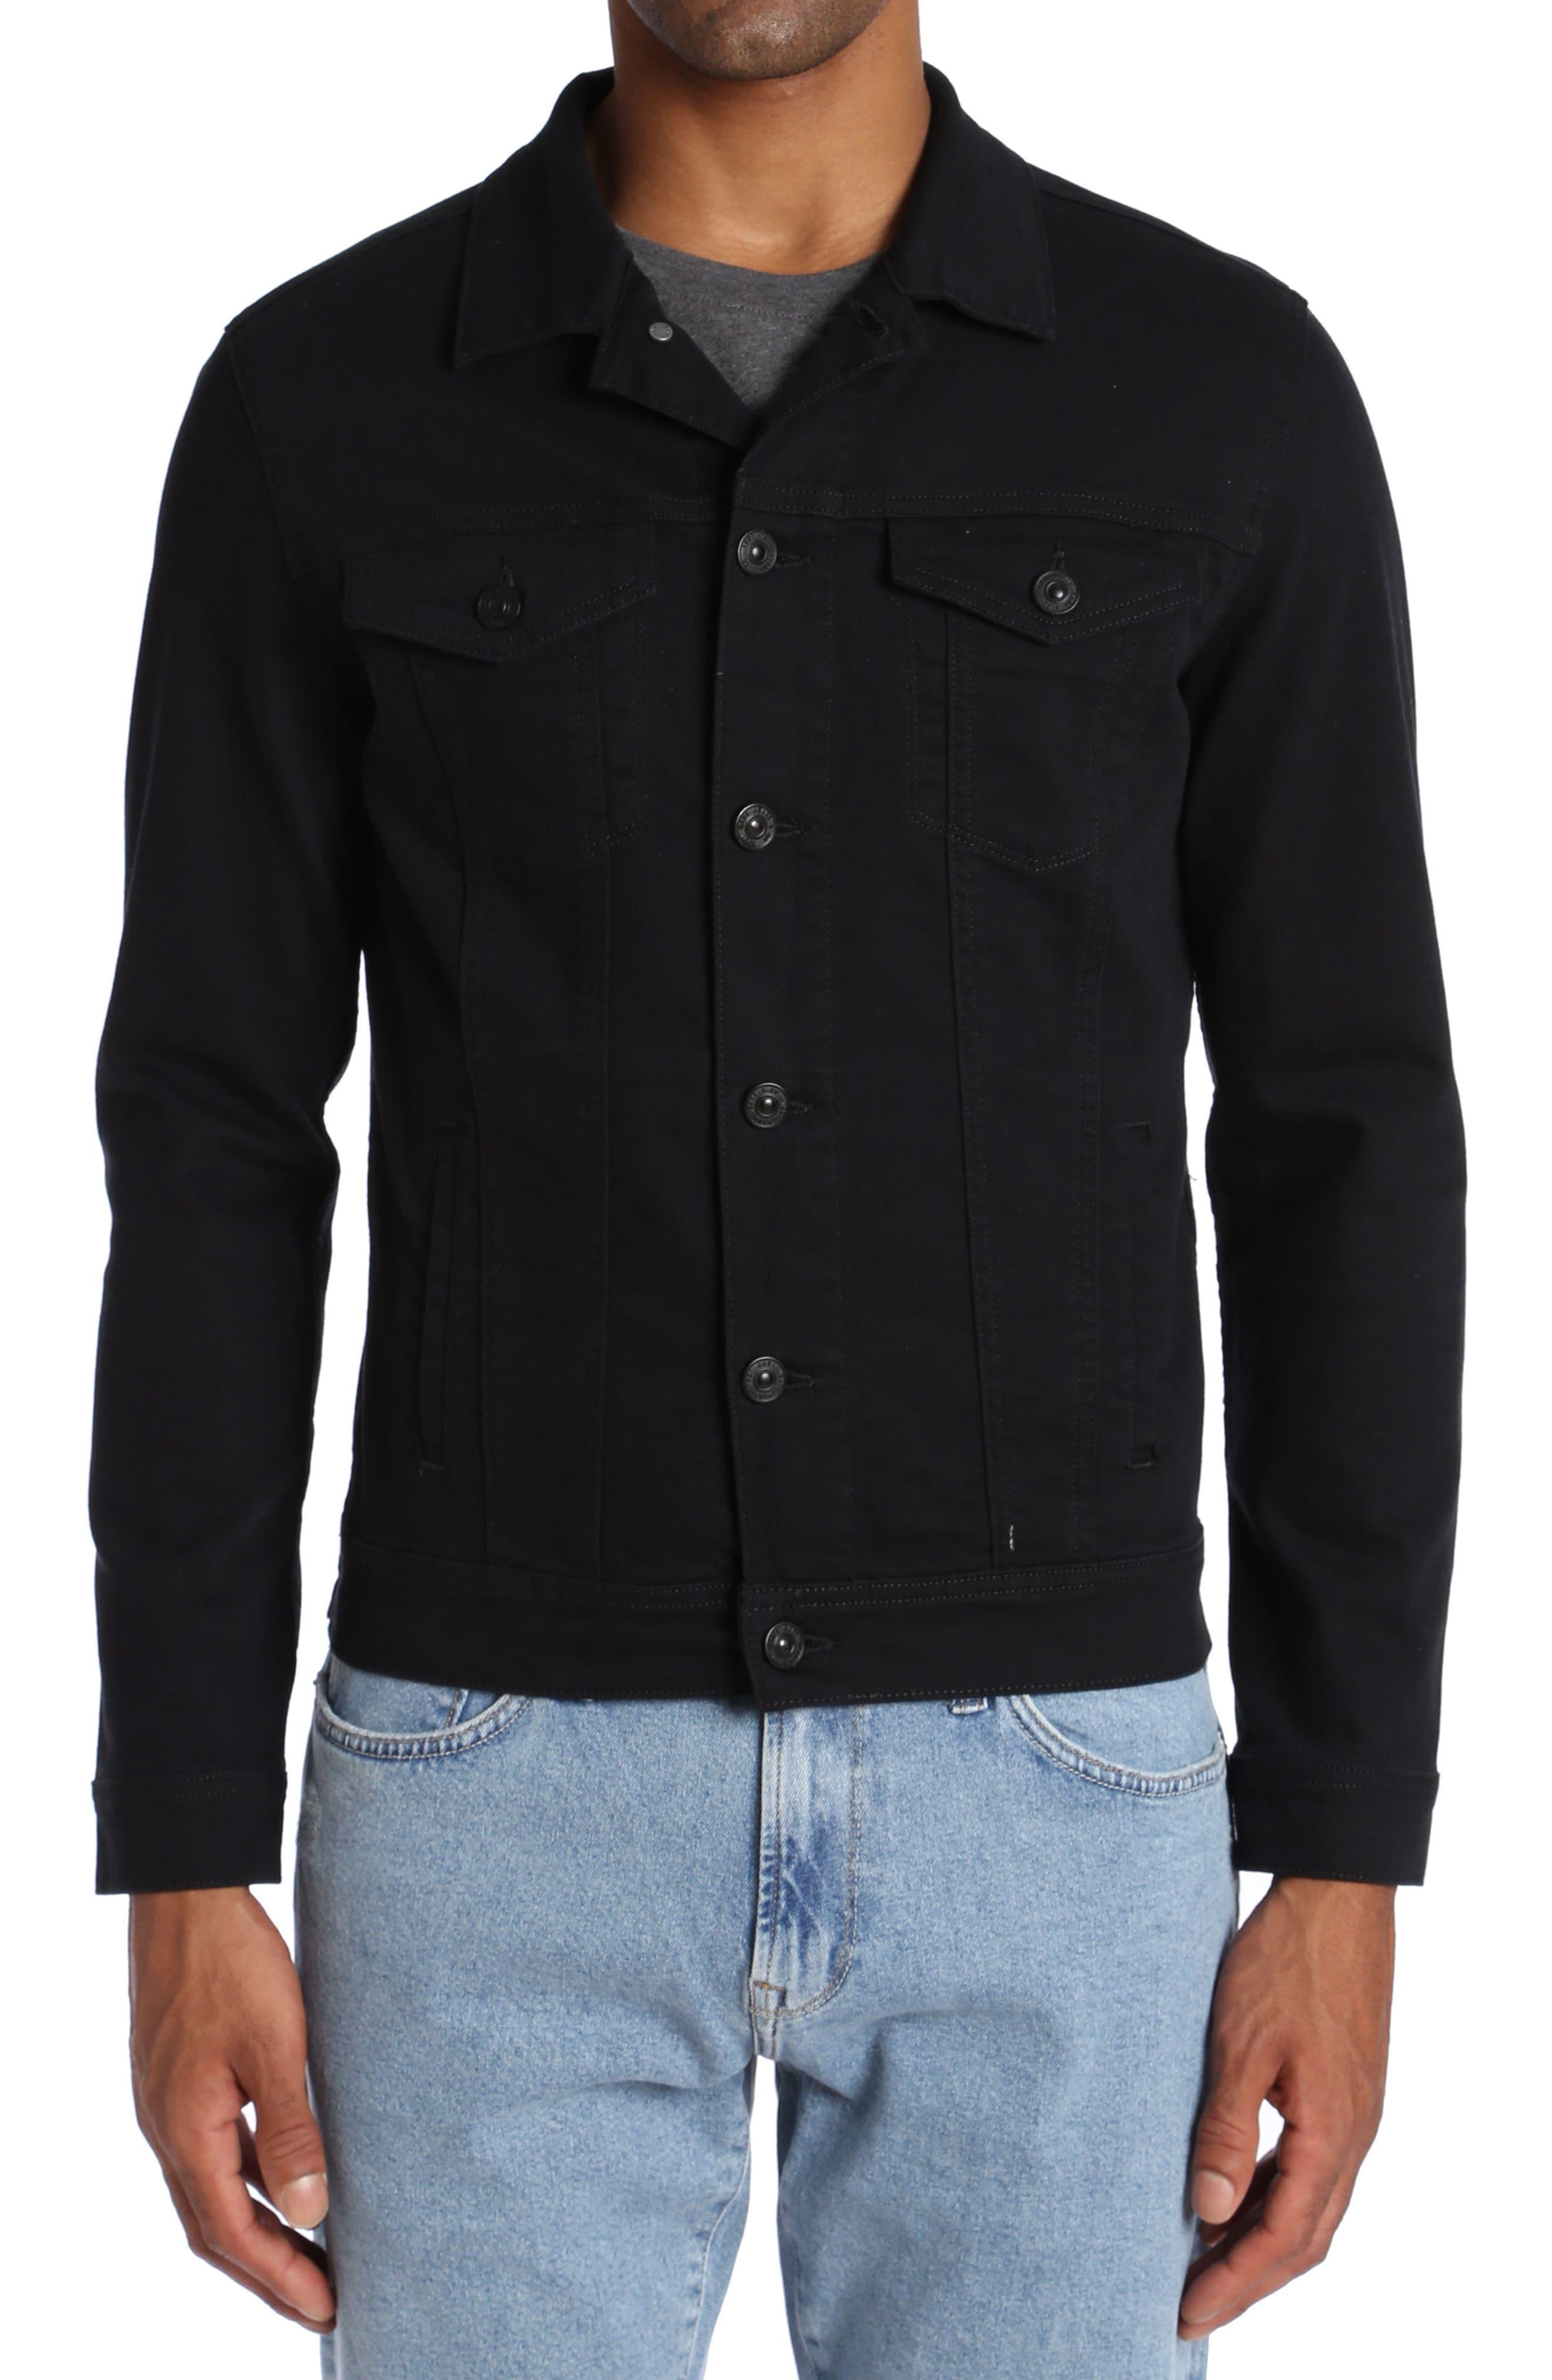 Frank Denim Jacket,                         Main,                         color, Black Comfort